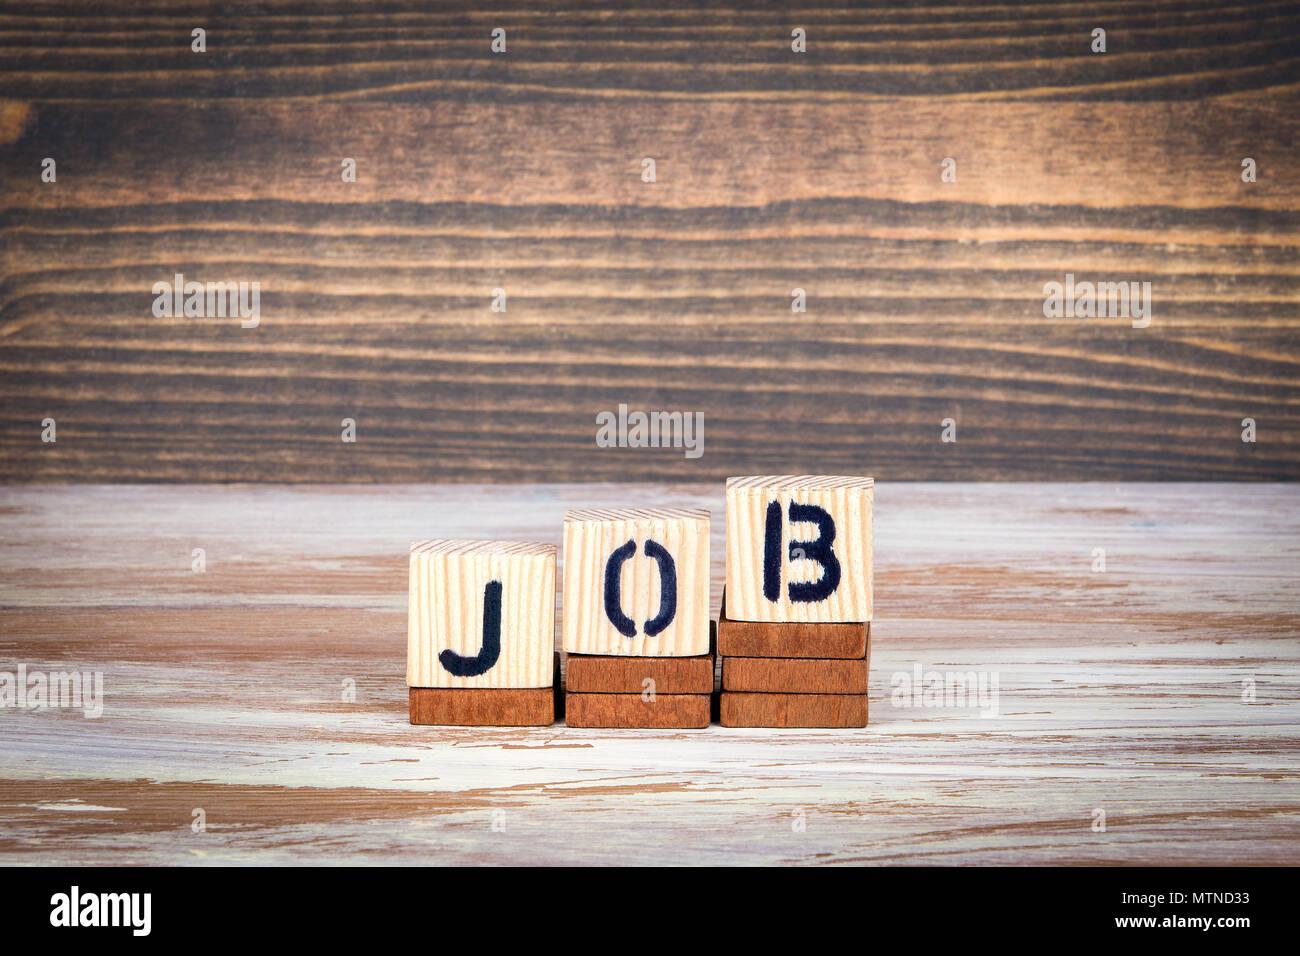 Trabajo, carrera y negocio, concepto de la educación. Letras de madera sobre el escritorio de la oficina, informativa y antecedentes de comunicación Imagen De Stock